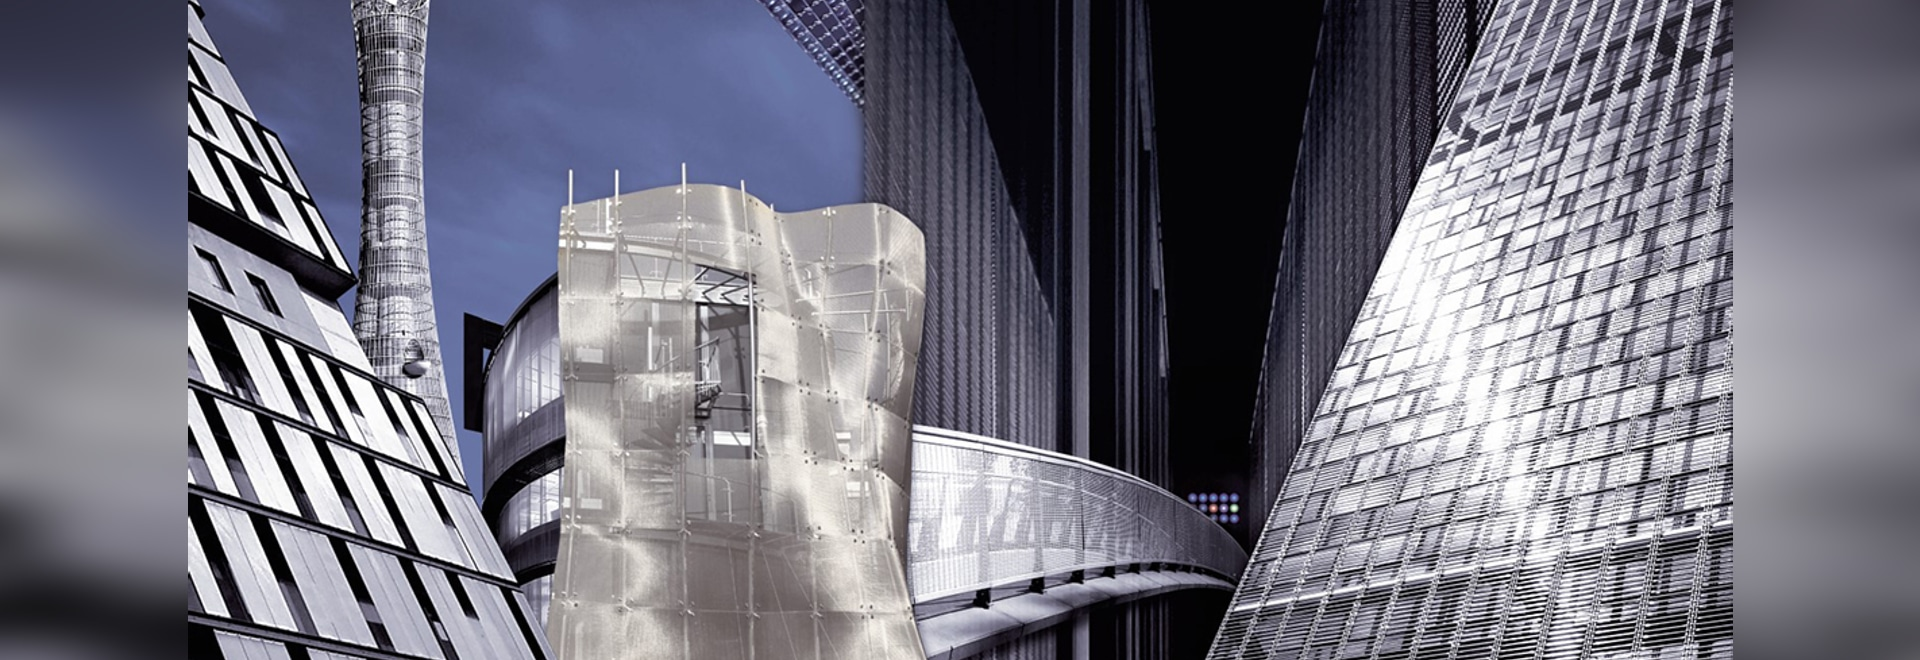 oiles pour l'architecture de Haver & Boecker